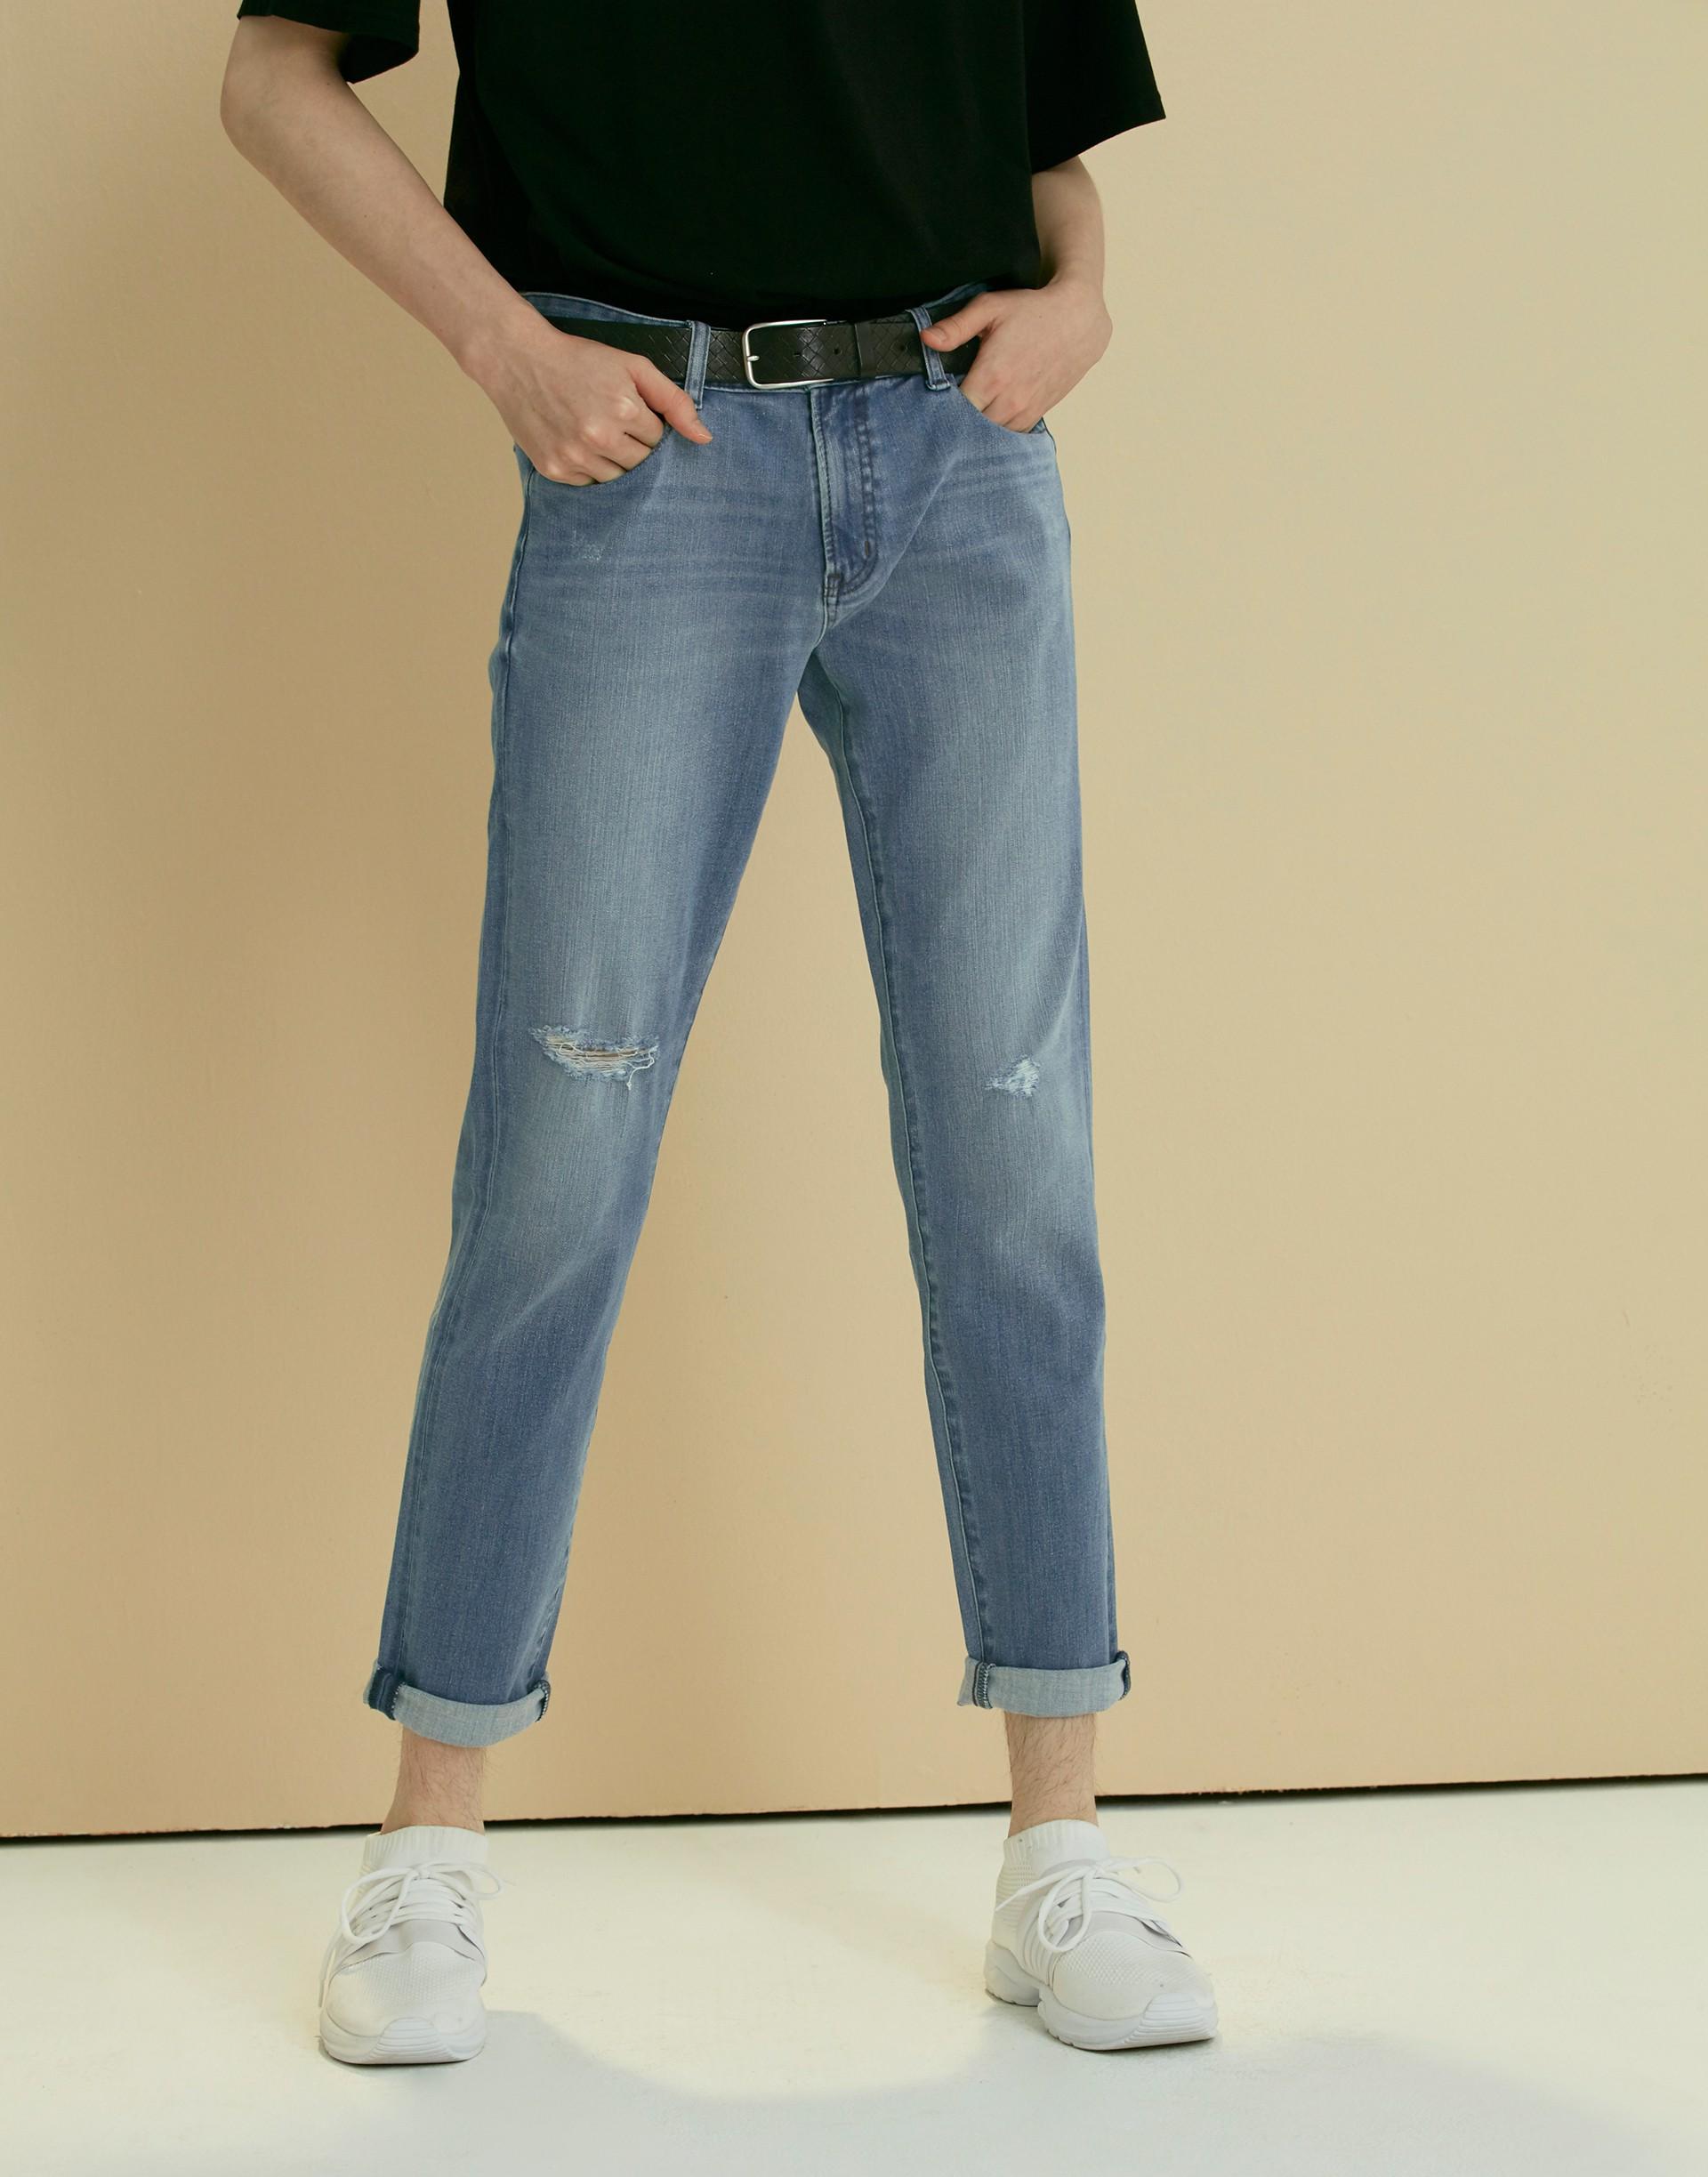 彈性:微彈 版型:適中 布料彈性舒適、洗水小破壞設計